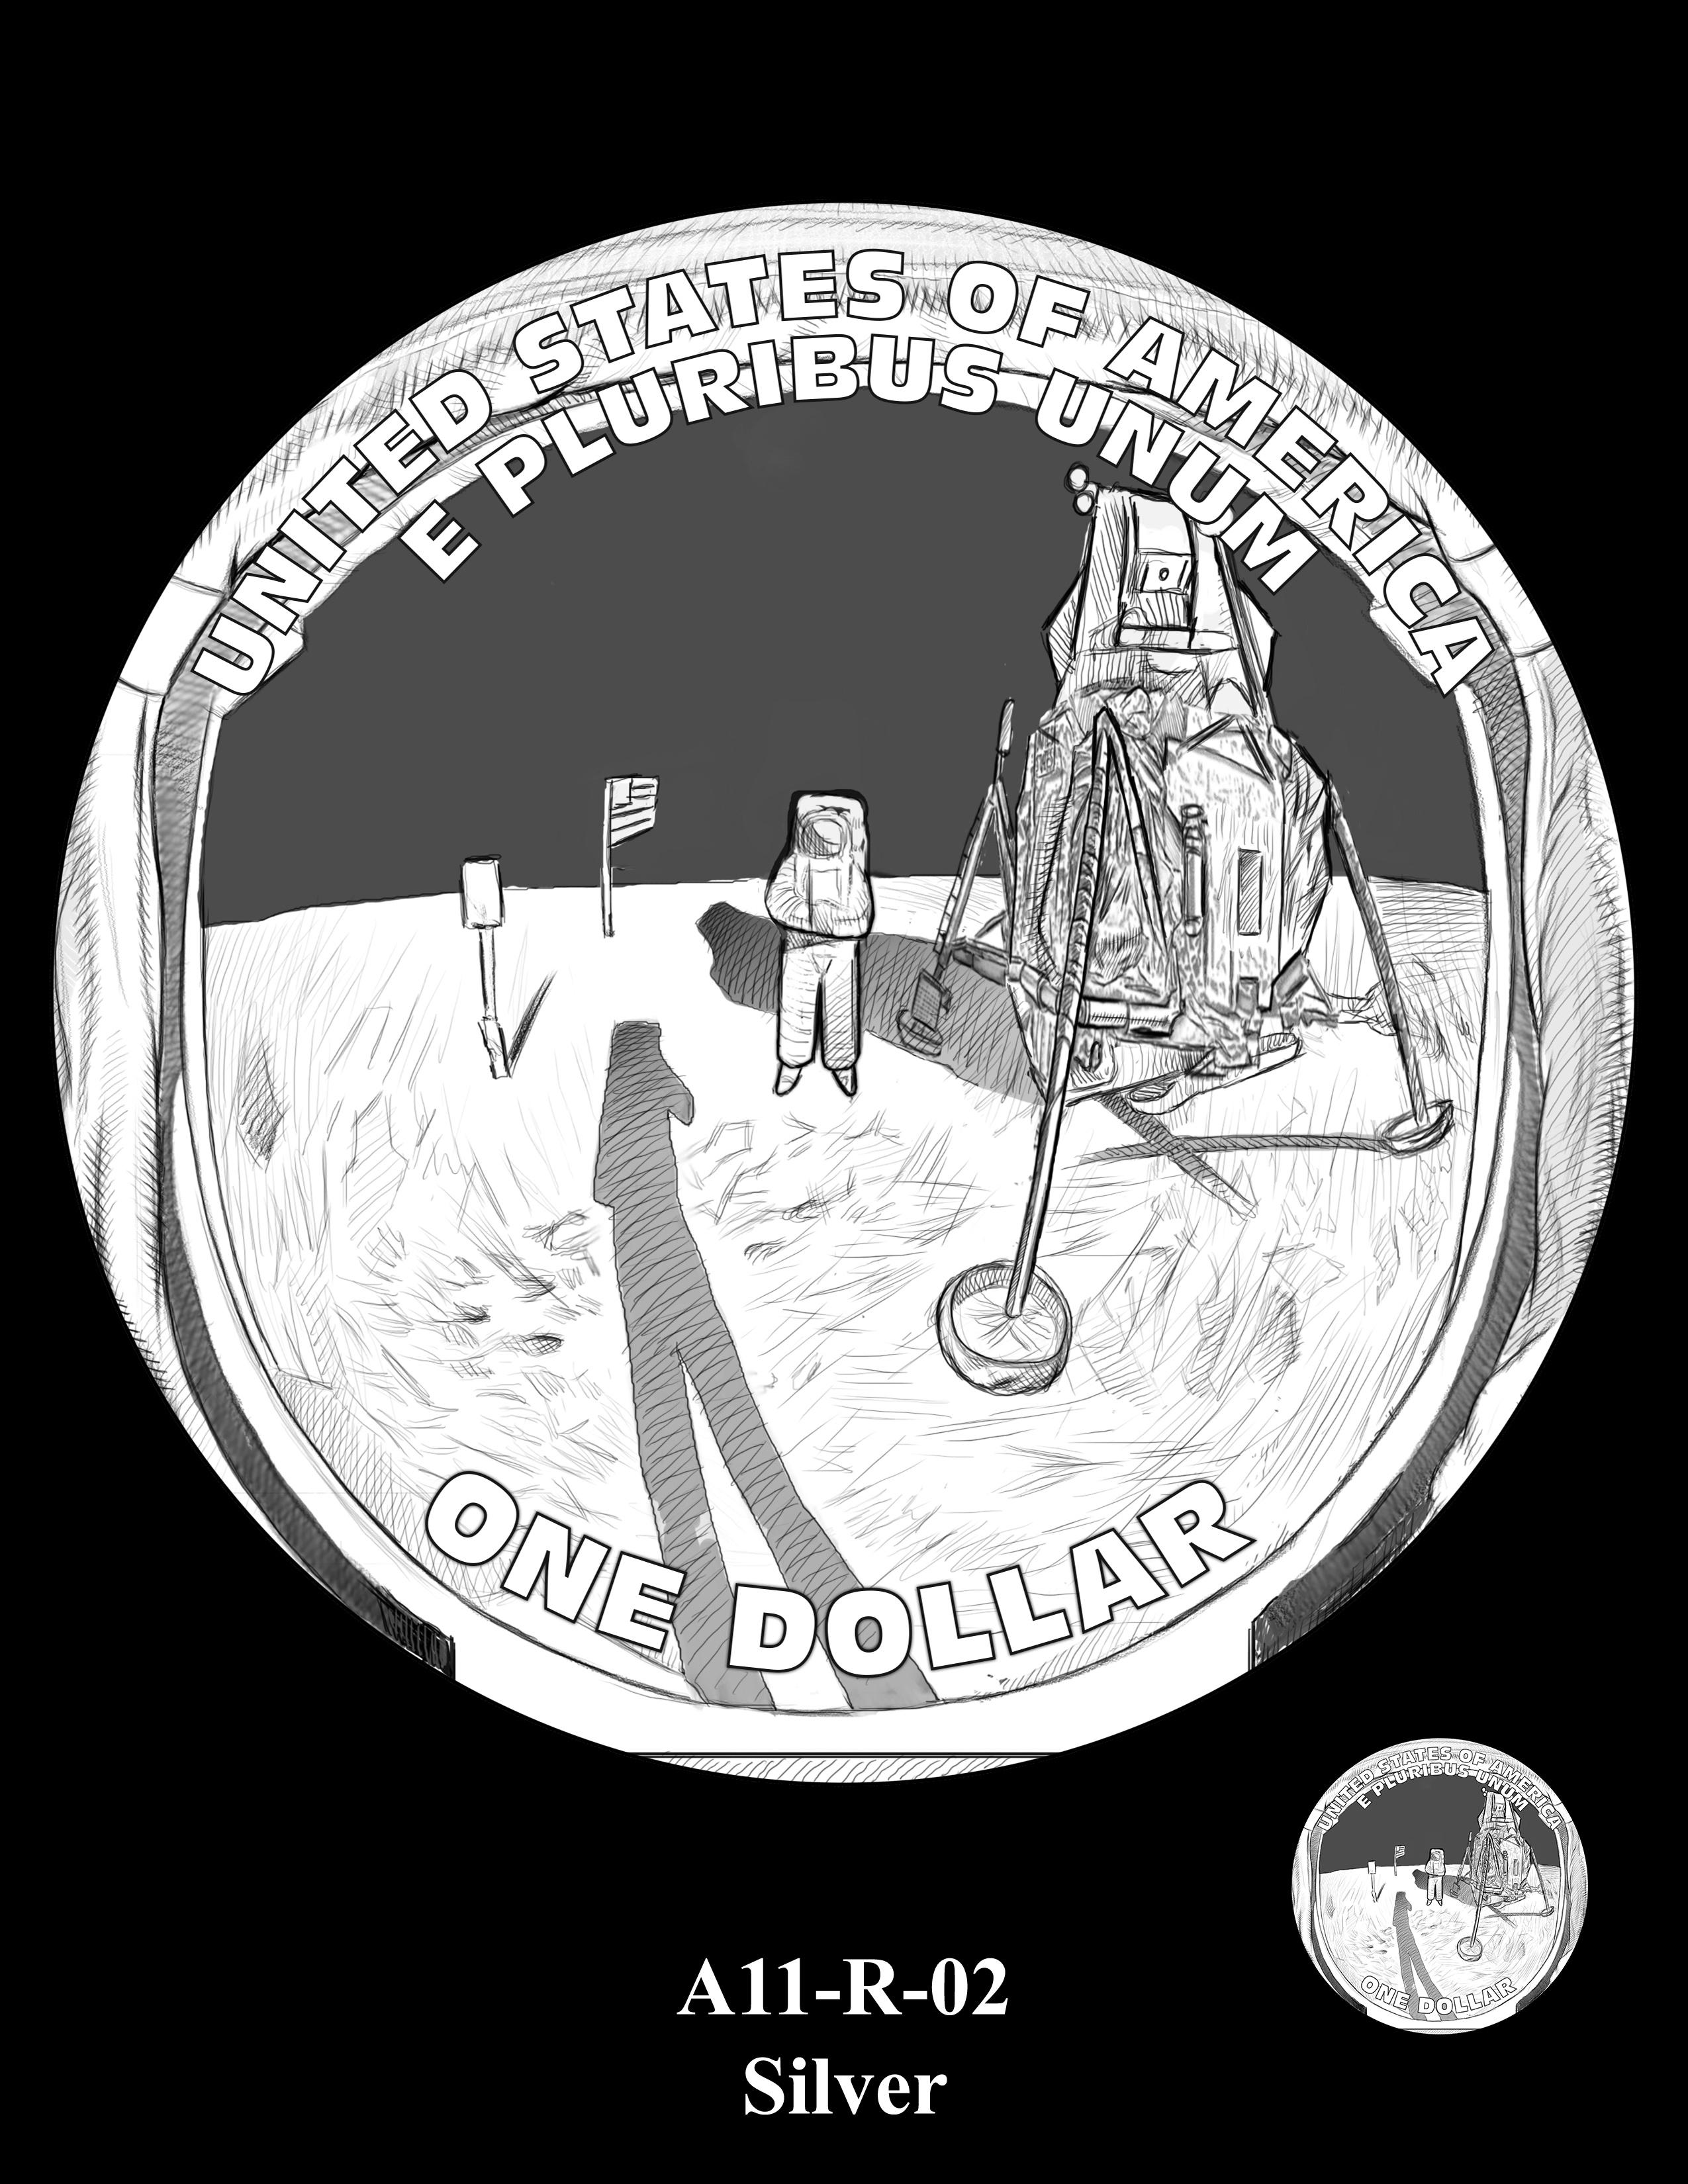 A11-R-02-SILVER -- 2019-Apollo 11 50th Anniversary Commemorative Coin